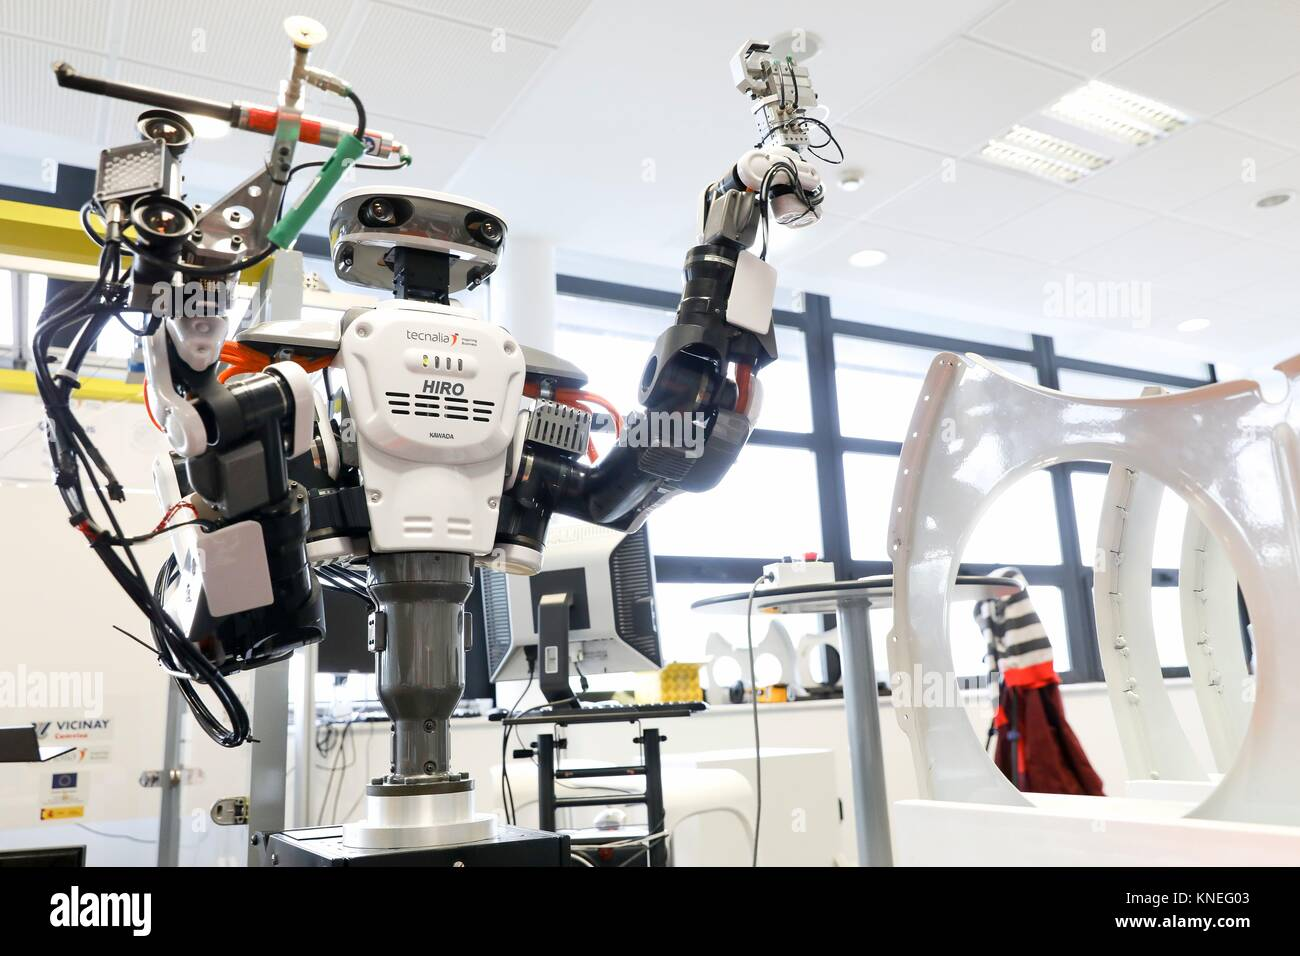 Robot con due bracci flessibili per robotica. Robot umanoide per automotive attività di assemblaggio in collaborazione Immagini Stock